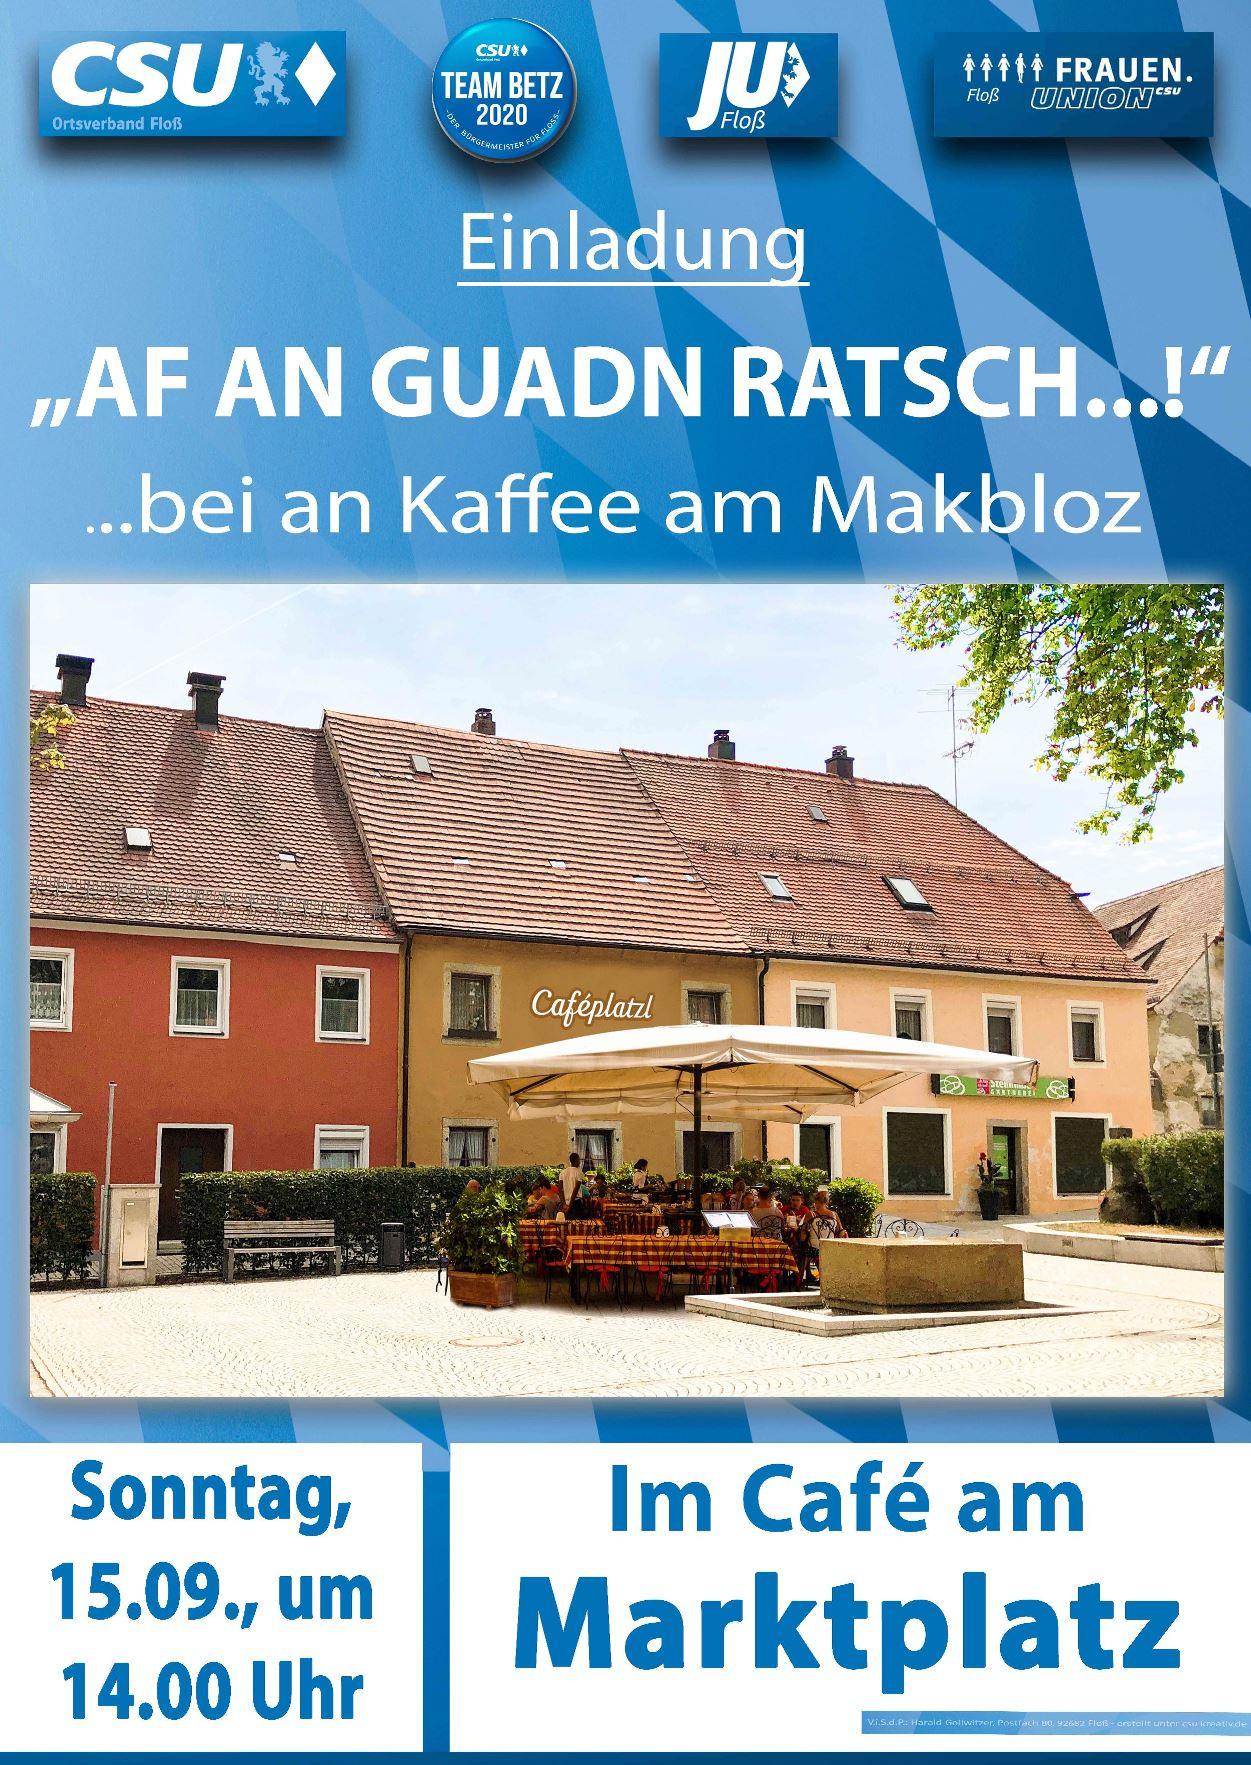 """Herzliche Einladung """"af an guadn Ratsch"""" ins """"Café am Makbloz""""  am nächsten Sonntag"""